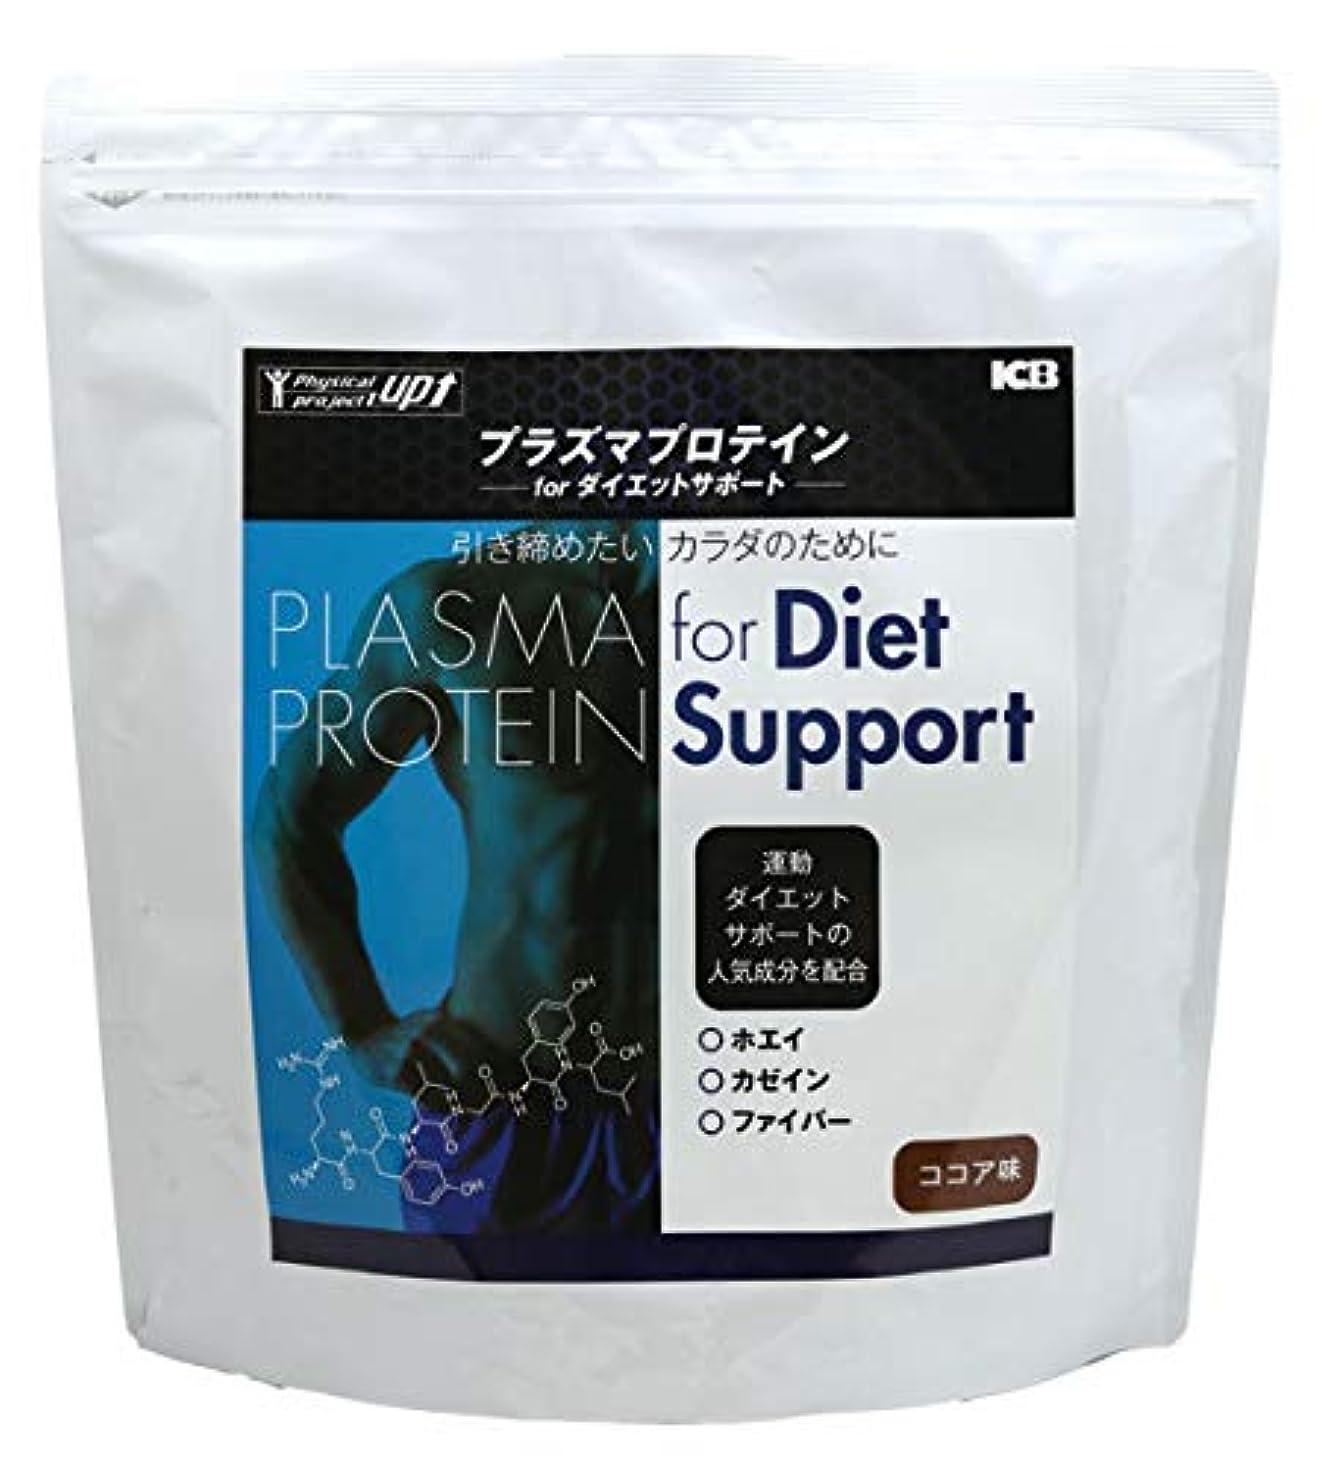 コミュニティ試みる石化するプラズマプロテイン for ダイエットサポート (1kg)